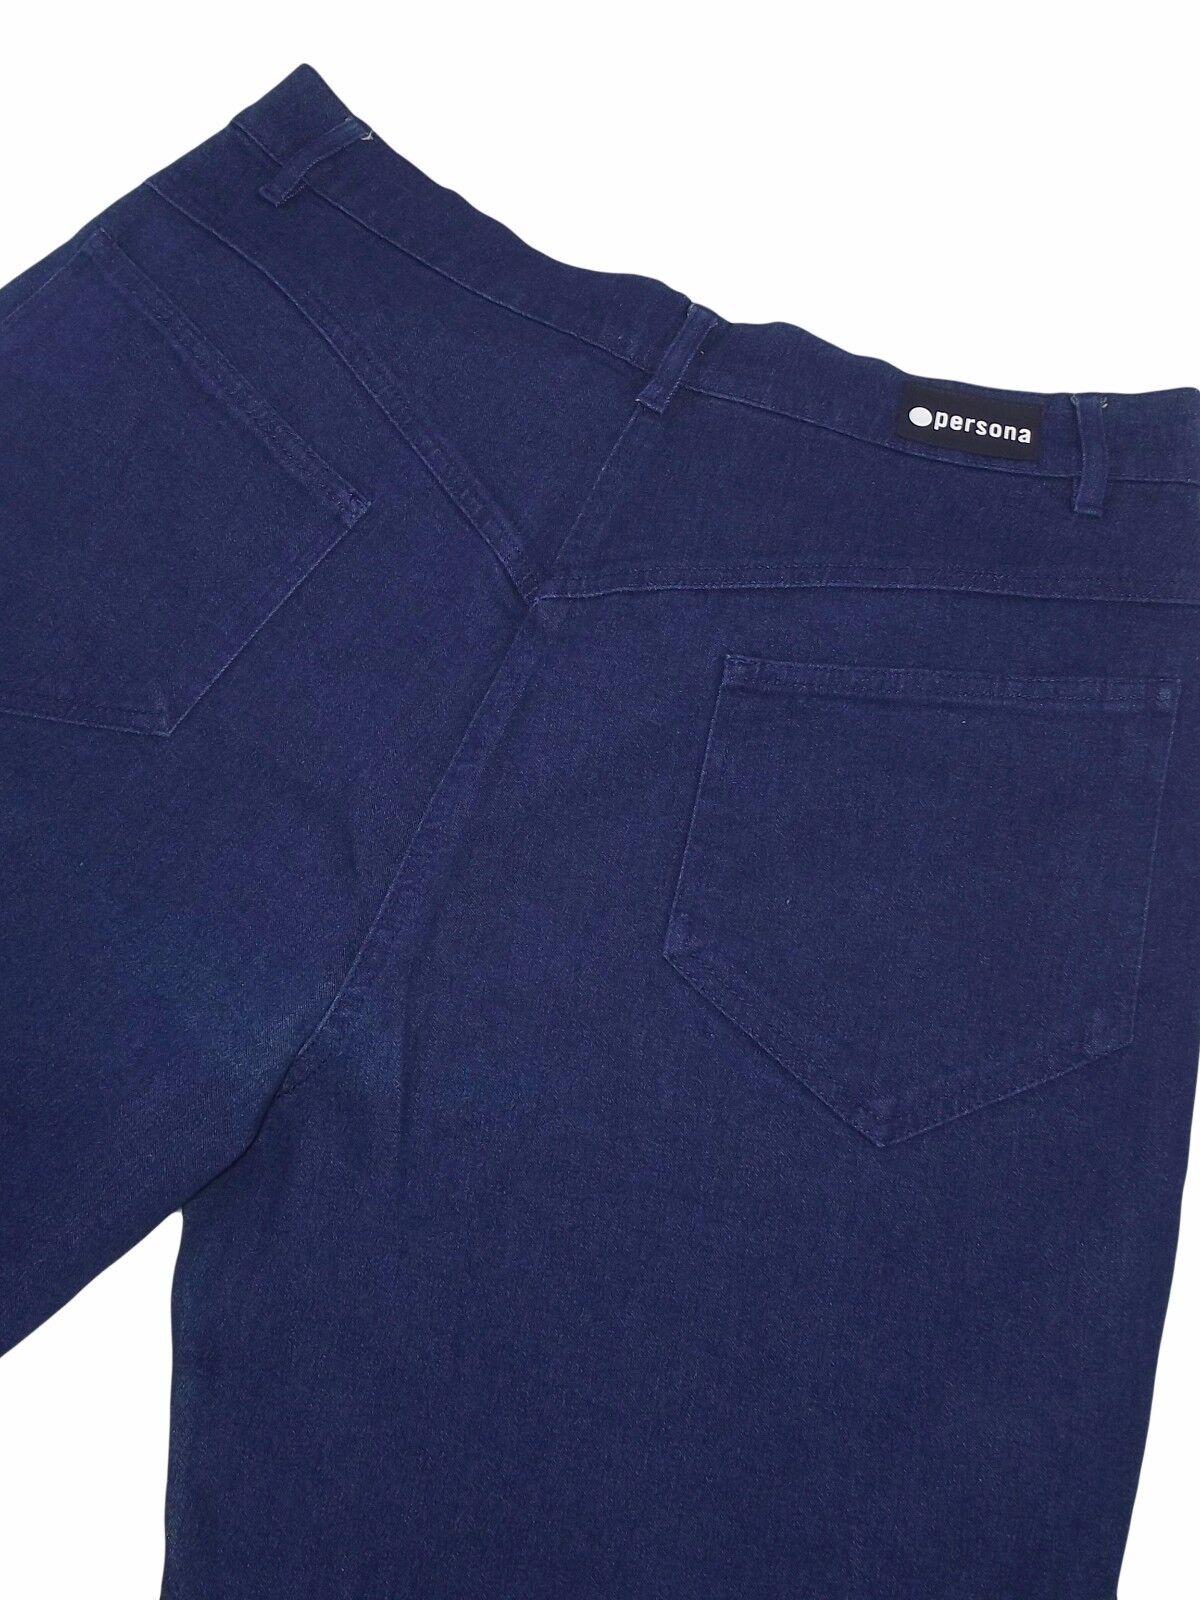 Jeans donna blu PERSONA marina rinaldi tg 21 it it it 51 uk 19 de 45 w 37 adf12f